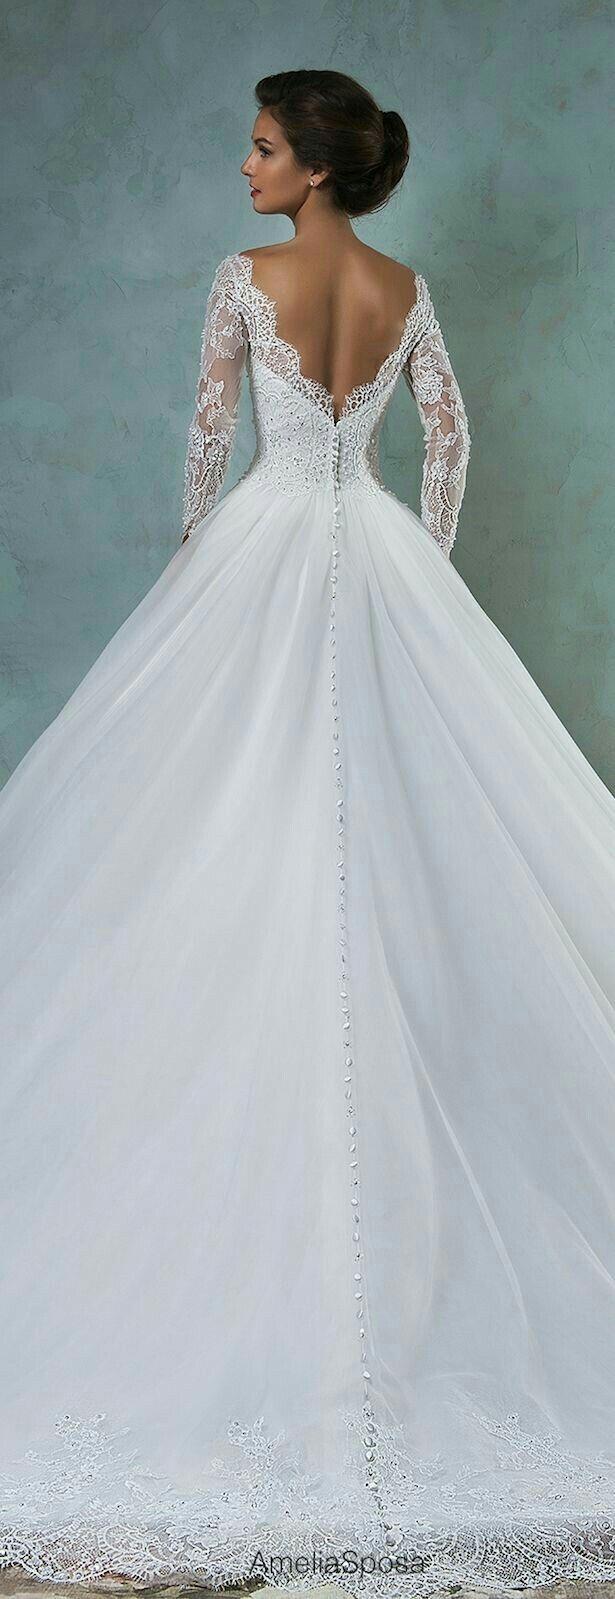 Pin de Beautylove10 en mode | Pinterest | Vestidos de novia, De ...